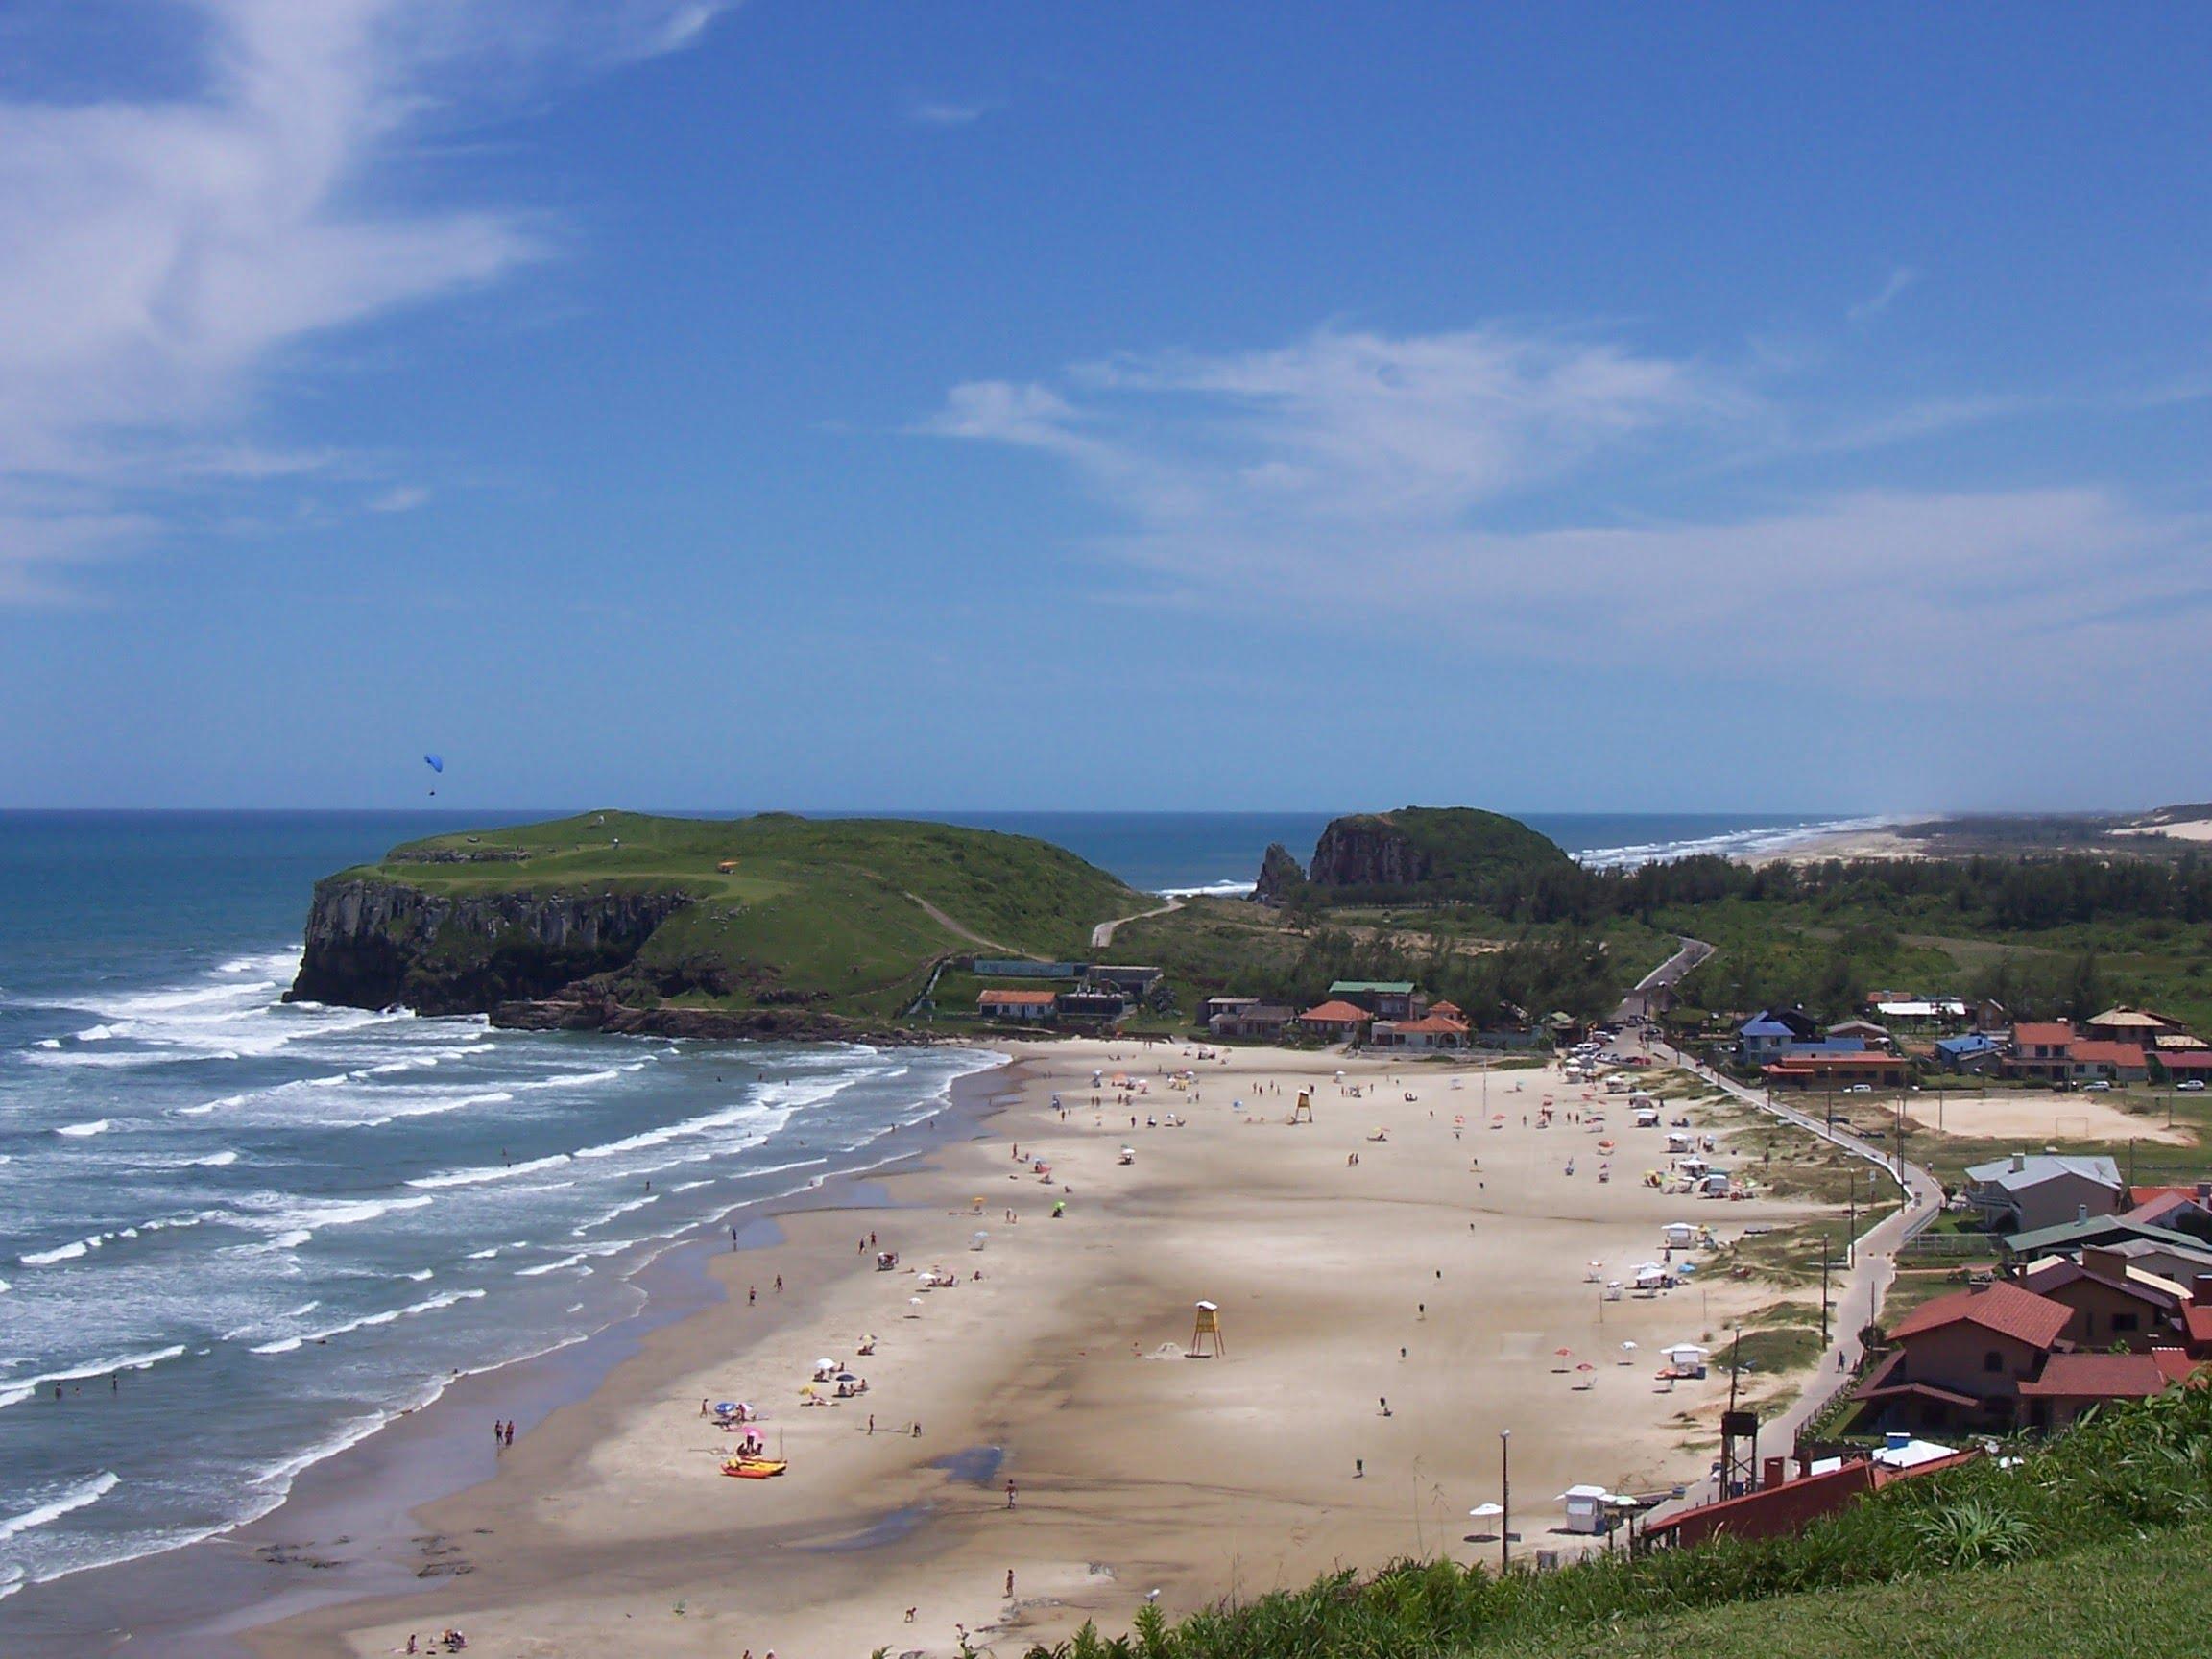 Fotos da praia de torres 3